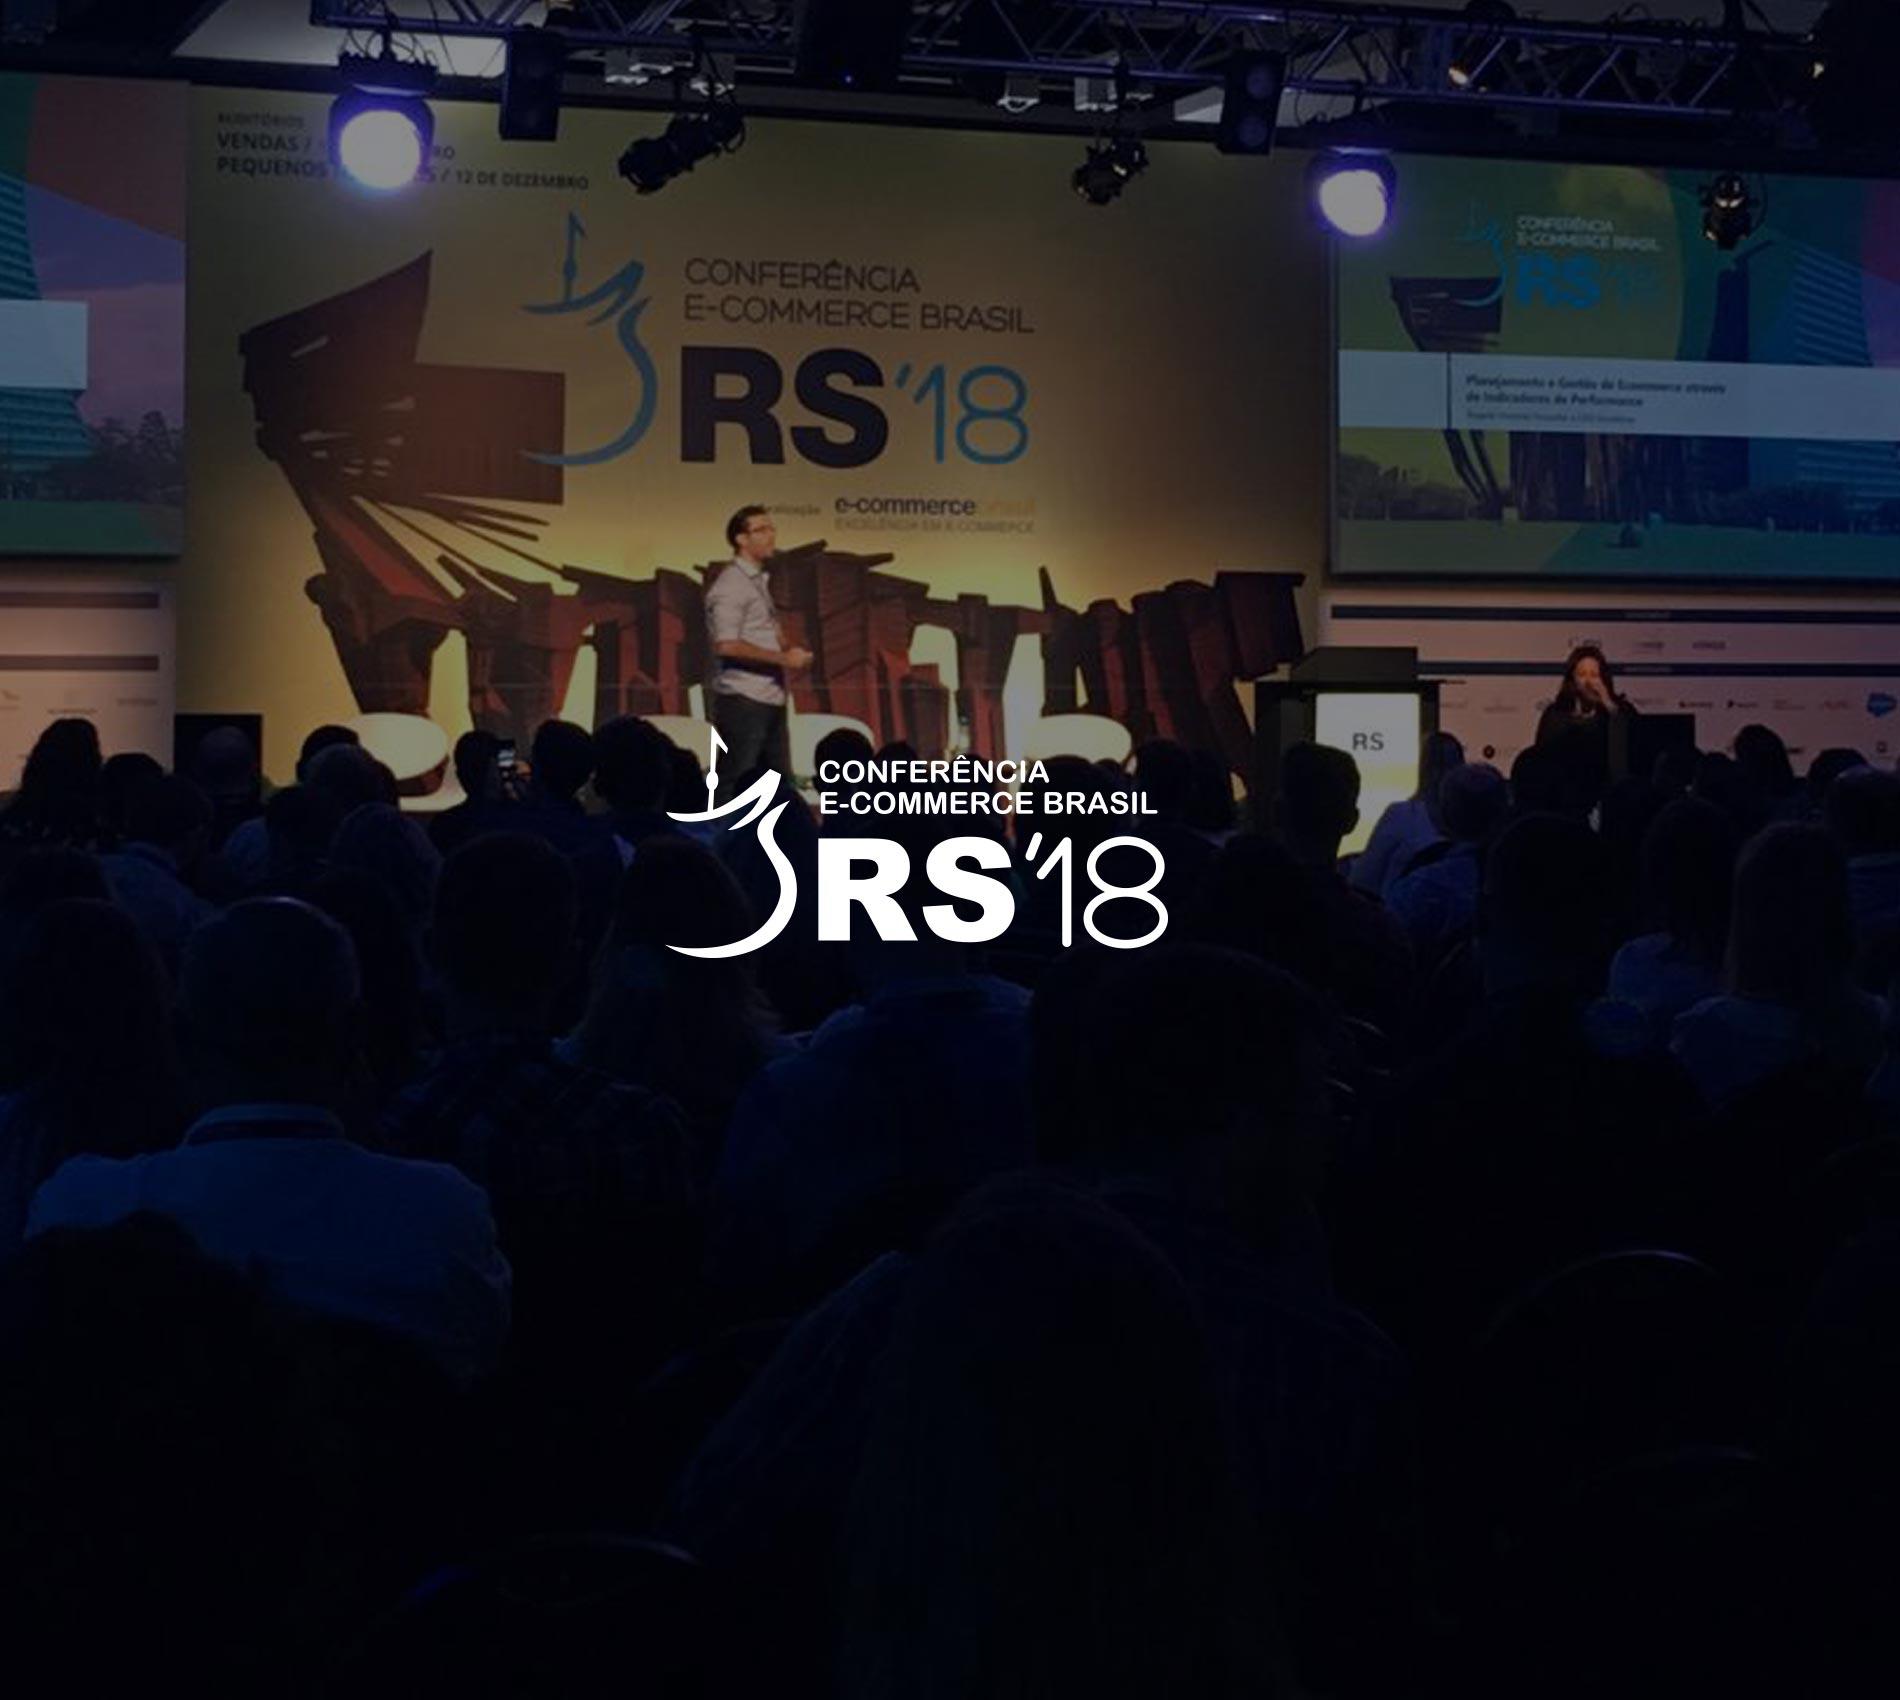 Conferência E-Commerce Brasil RS 2018, Porto Alegre